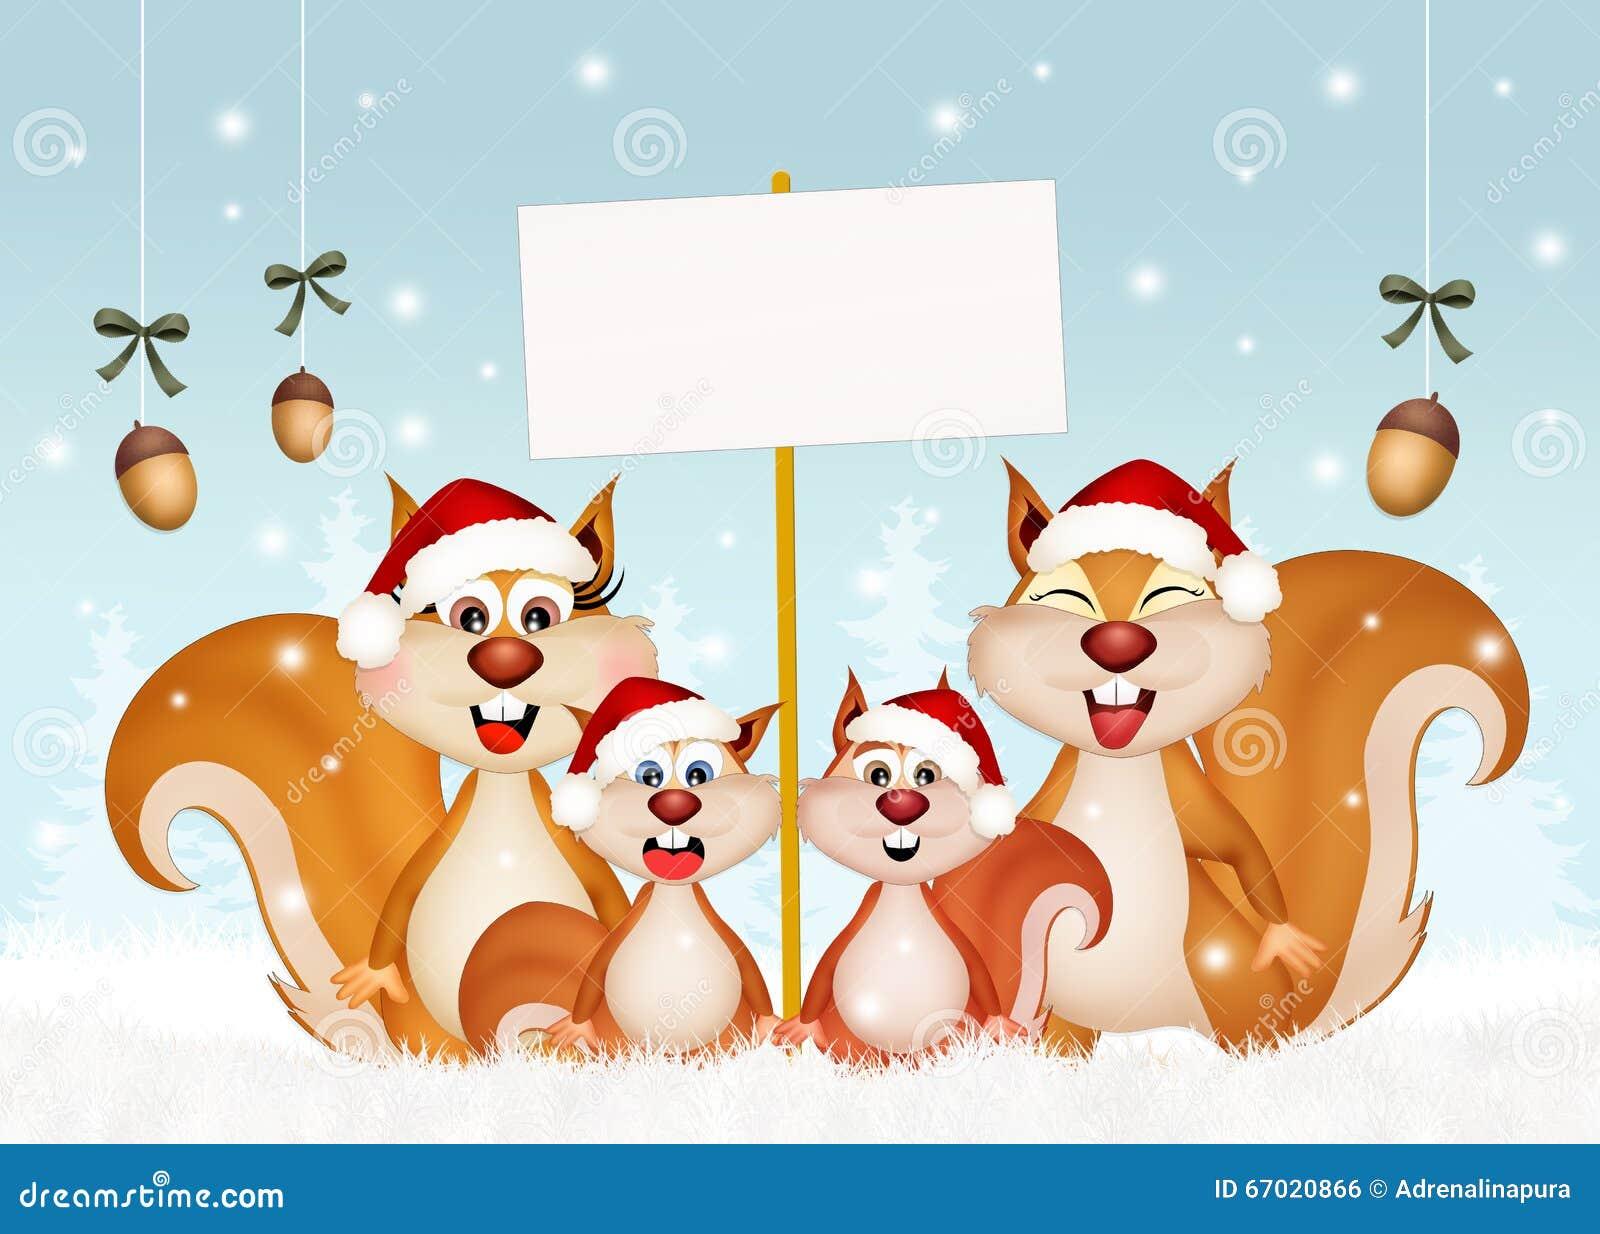 Eichhörnchen Am Weihnachten Stock Abbildung - Illustration von nett ...